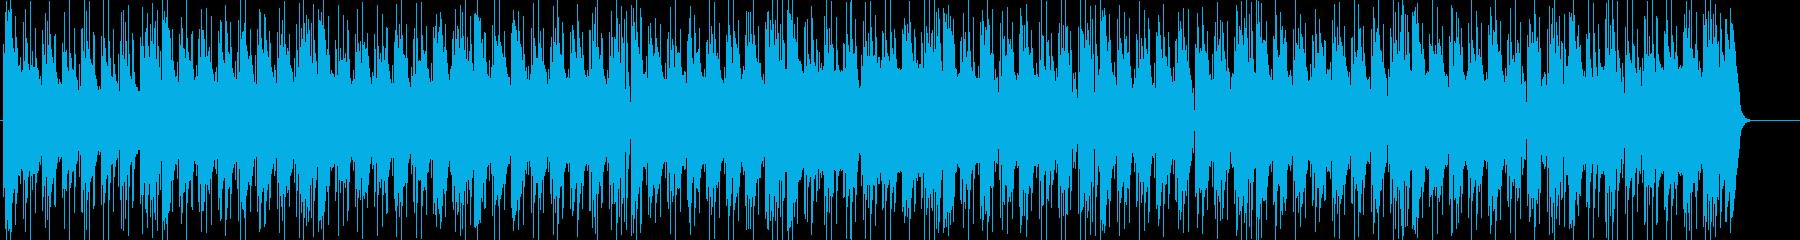 パワフルかつ情熱的でワイルドなロックの再生済みの波形